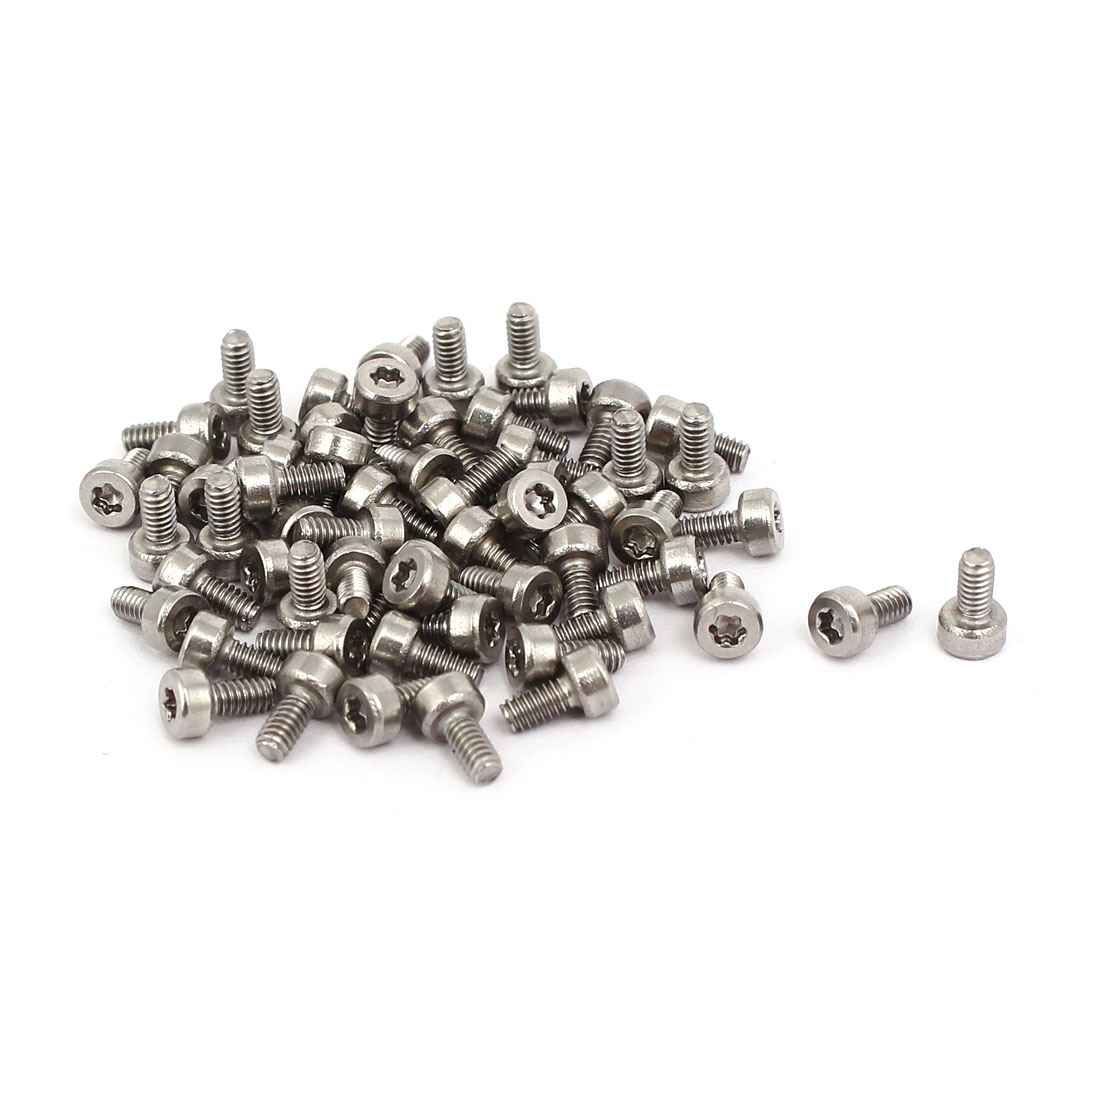 M2x4mm Thread T6 Torx Drive 304 Stainless Steel Torx Socket Head Cap Screw 60pcs